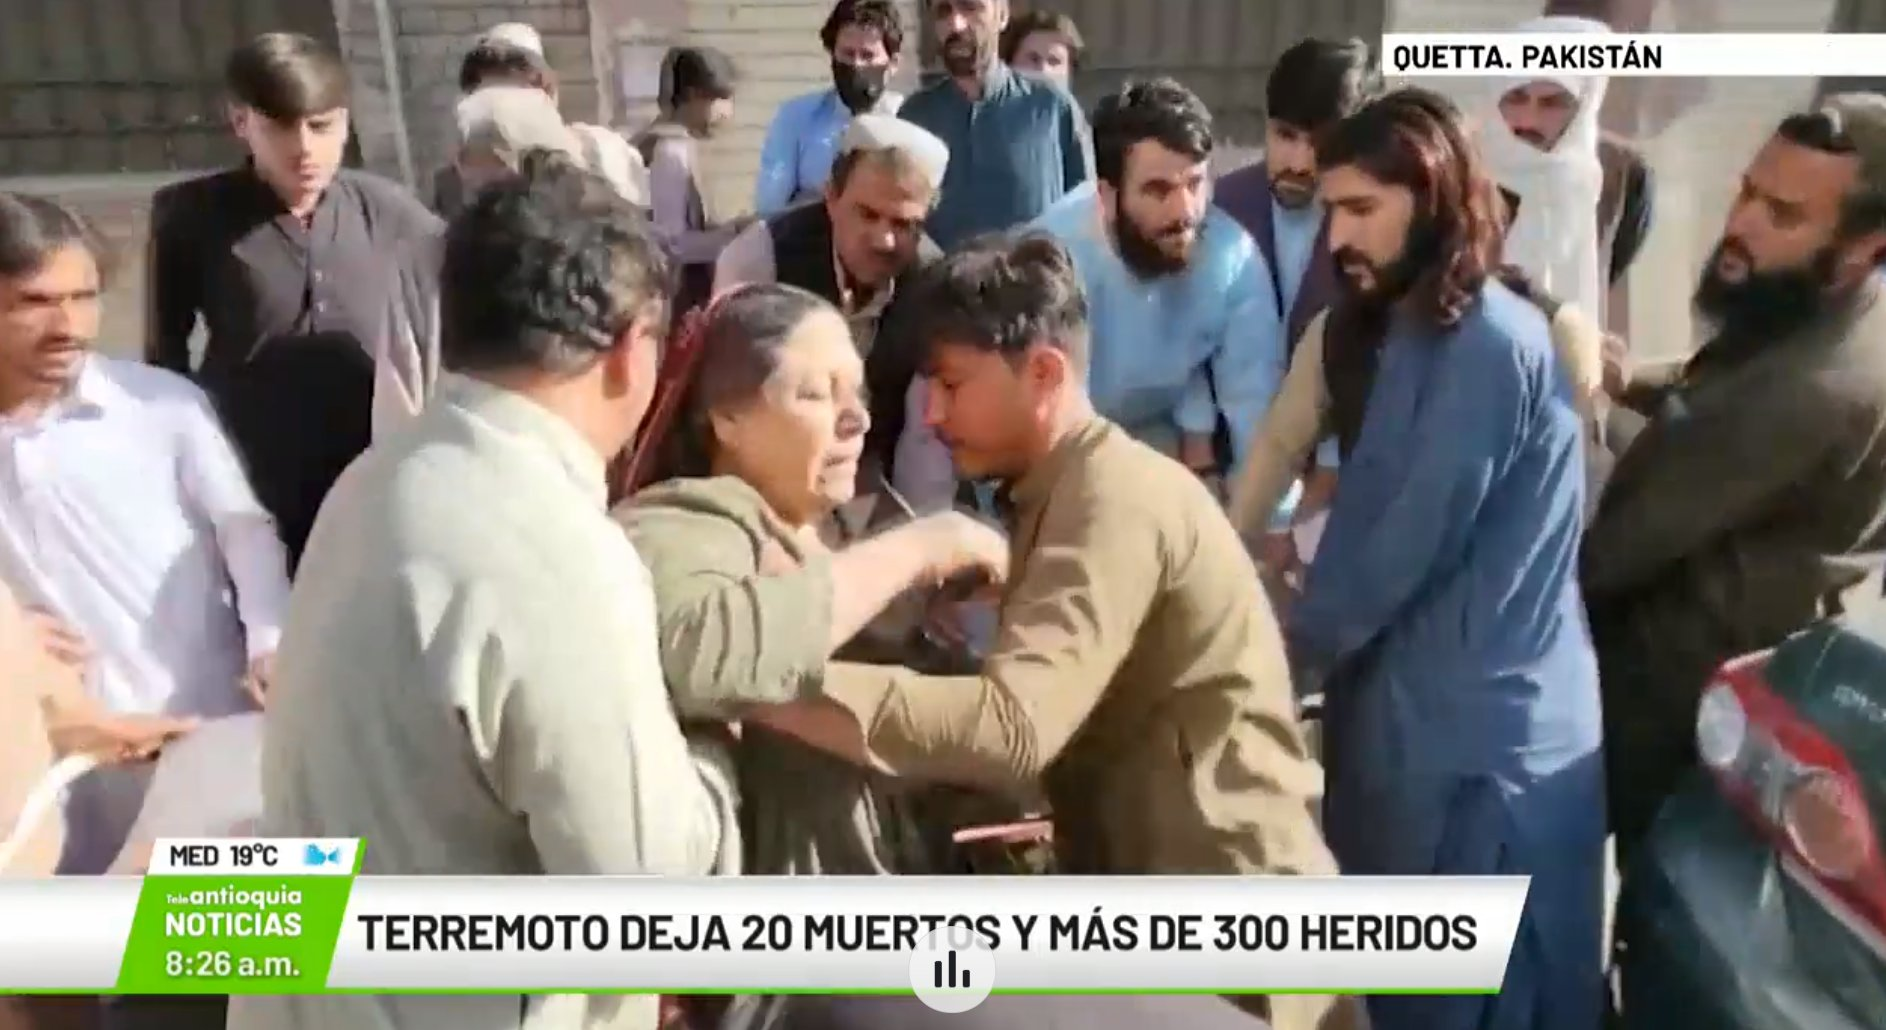 Terremoto deja 20 muertos y más de 300 heridos